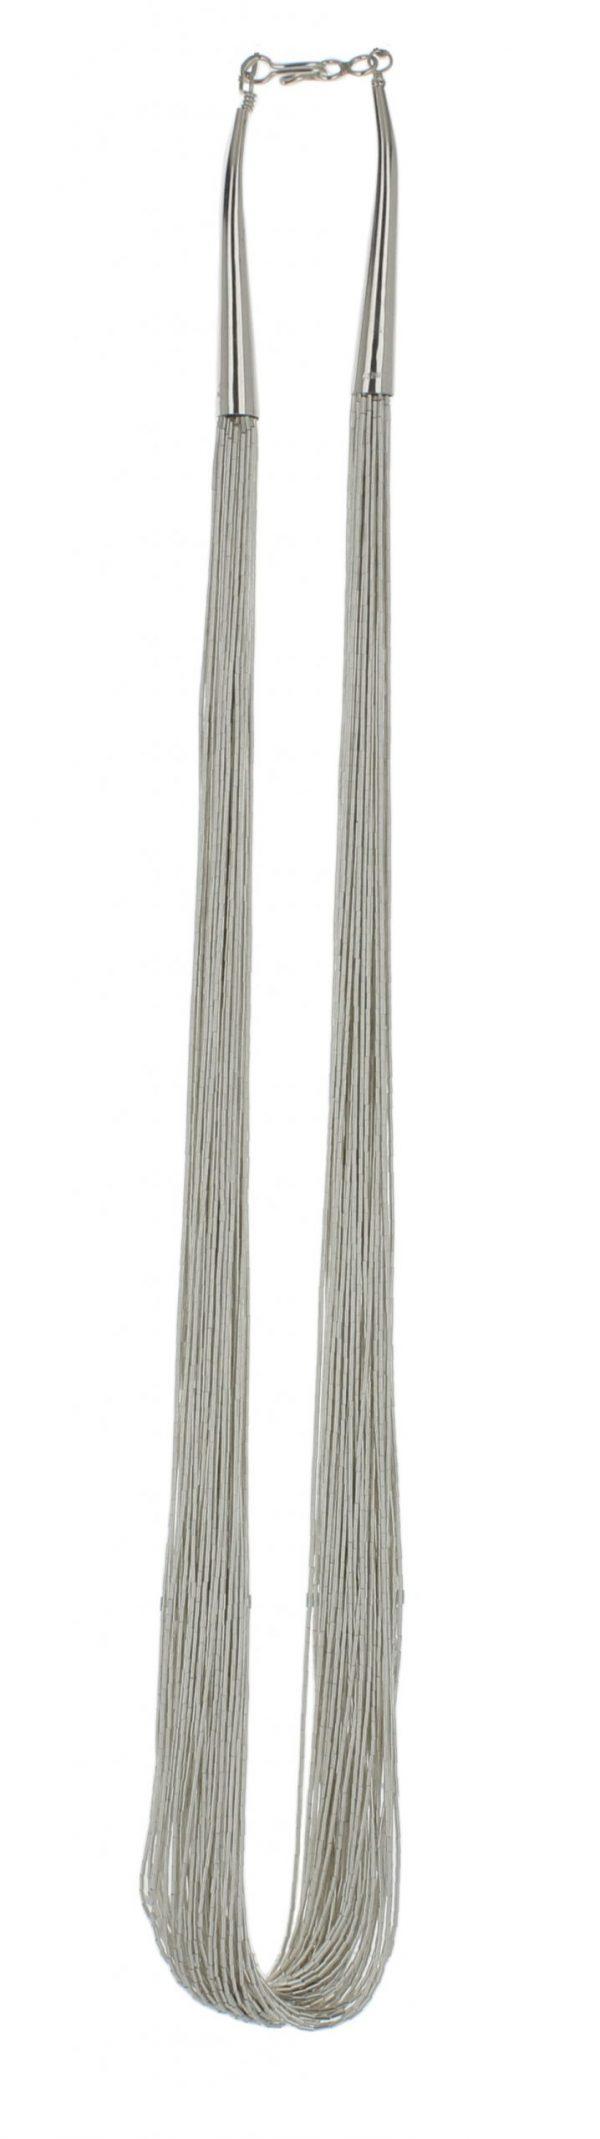 50 Strand Liquid Silver Necklace